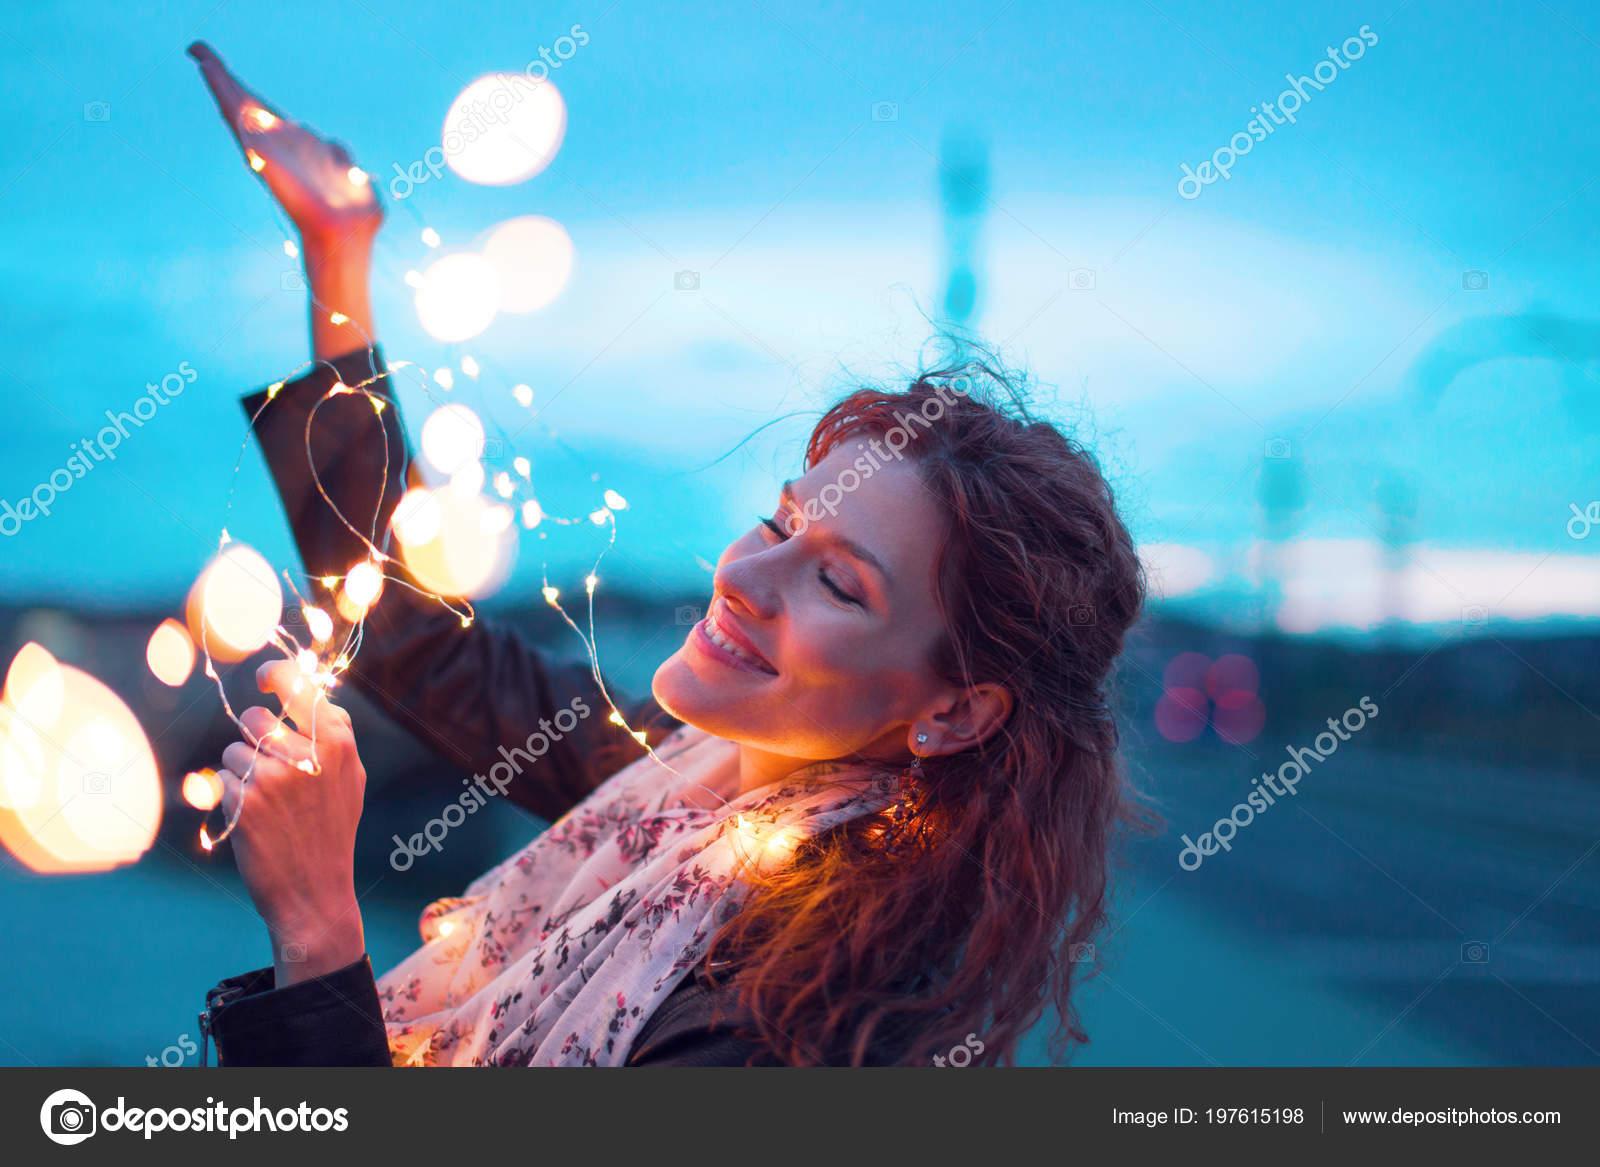 Gelukkige vrouw spelen met licht fairy garland avond buitenshuis